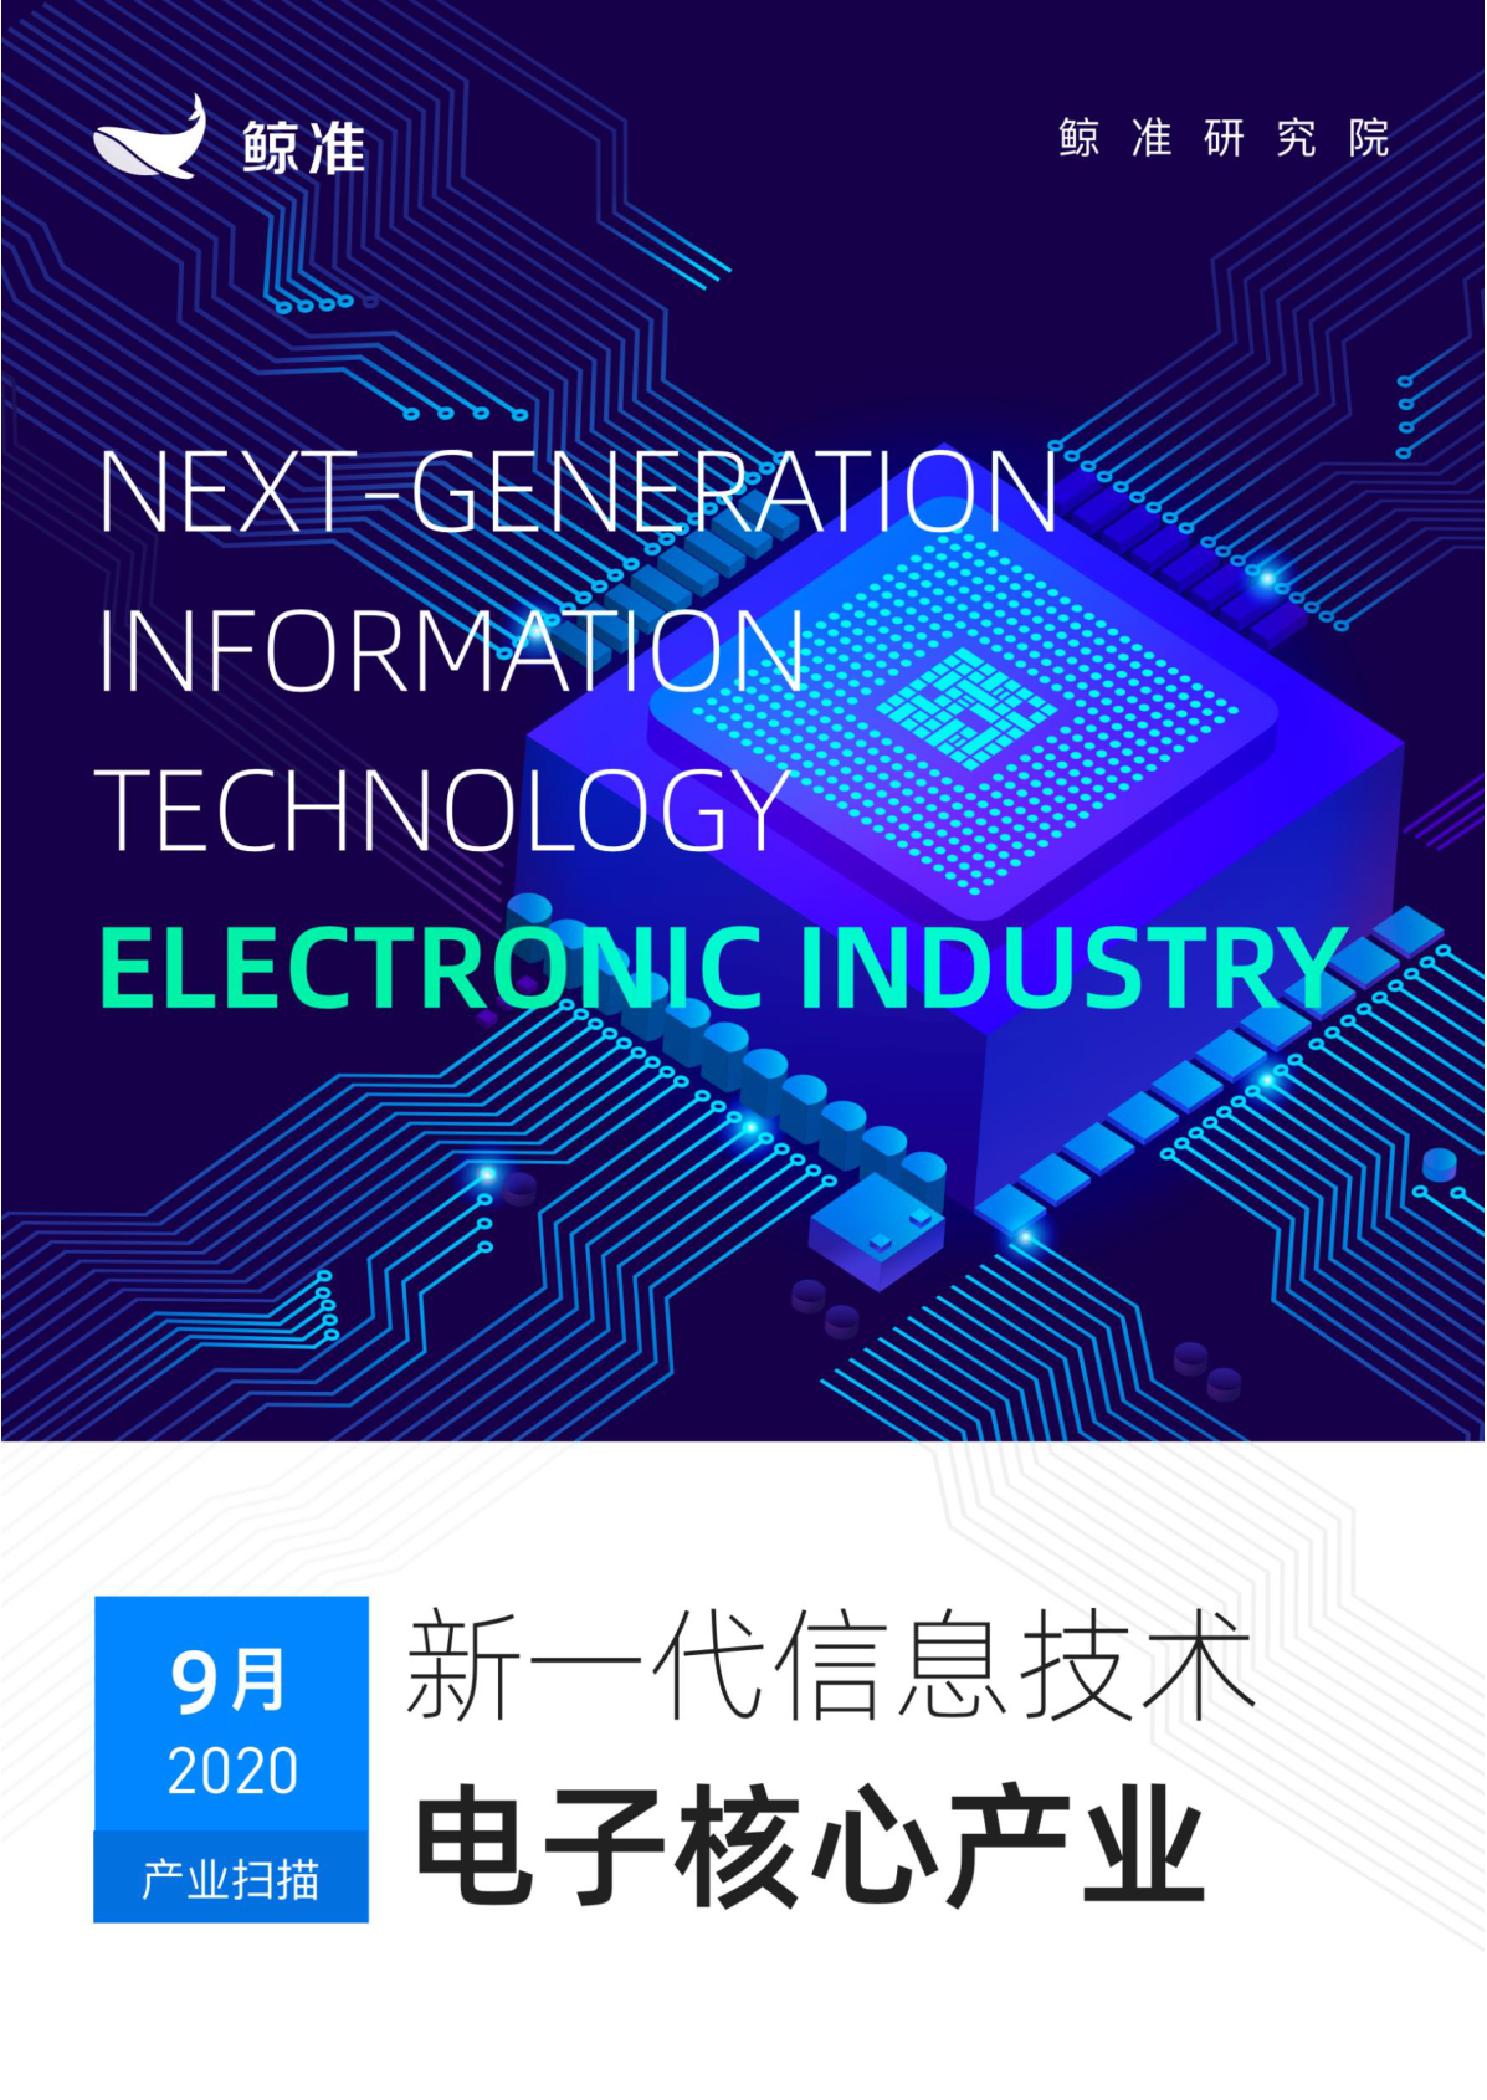 产业月度报告:电子核心产业